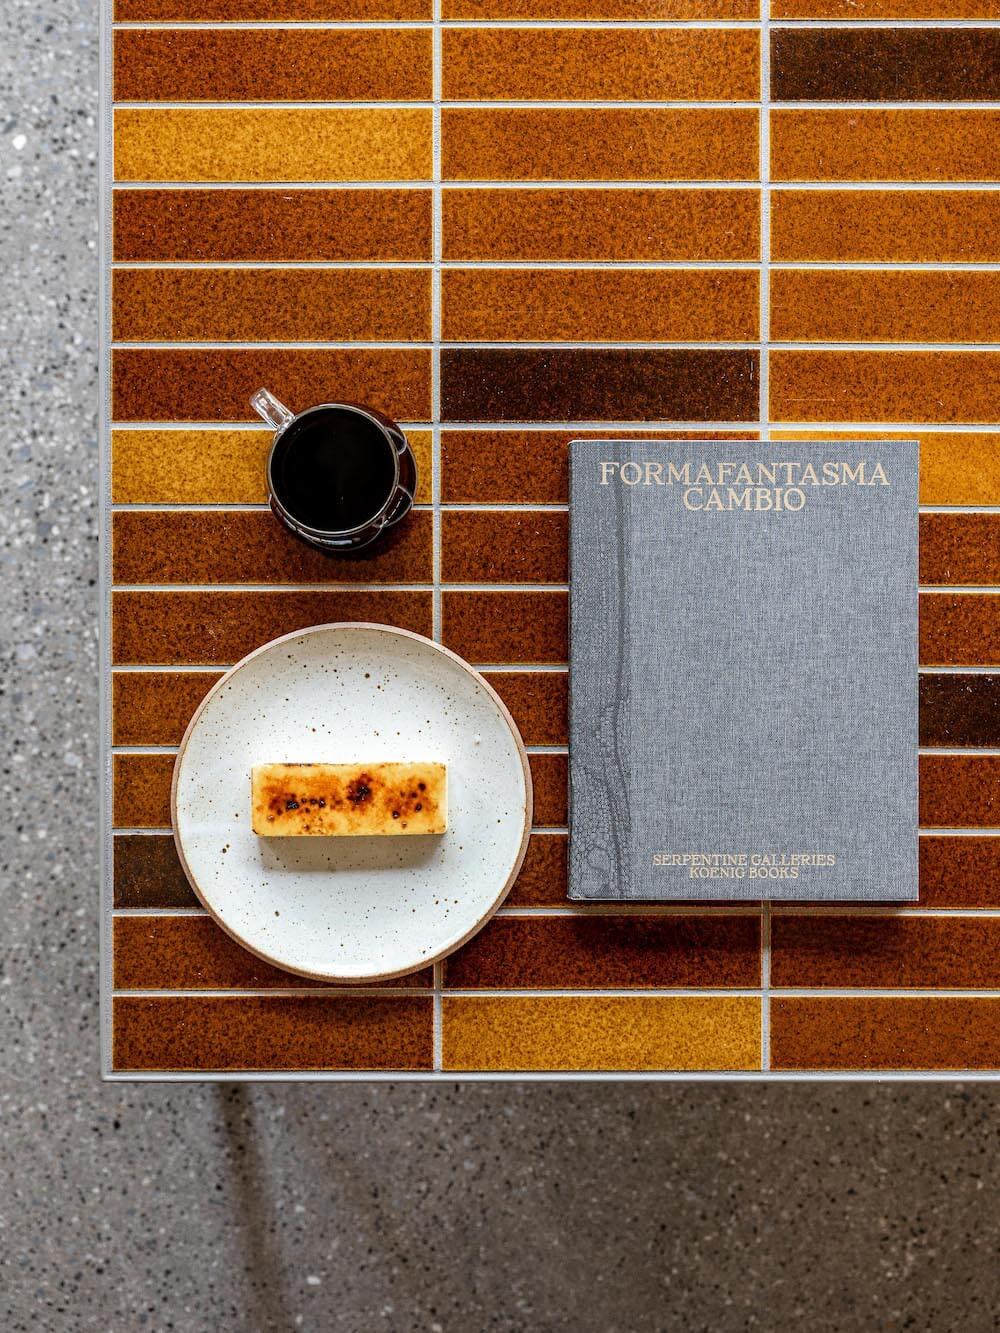 ブルーボトルコーヒー 渋谷カフェのブリック チーズケーキの元になった赤茶色のタイル